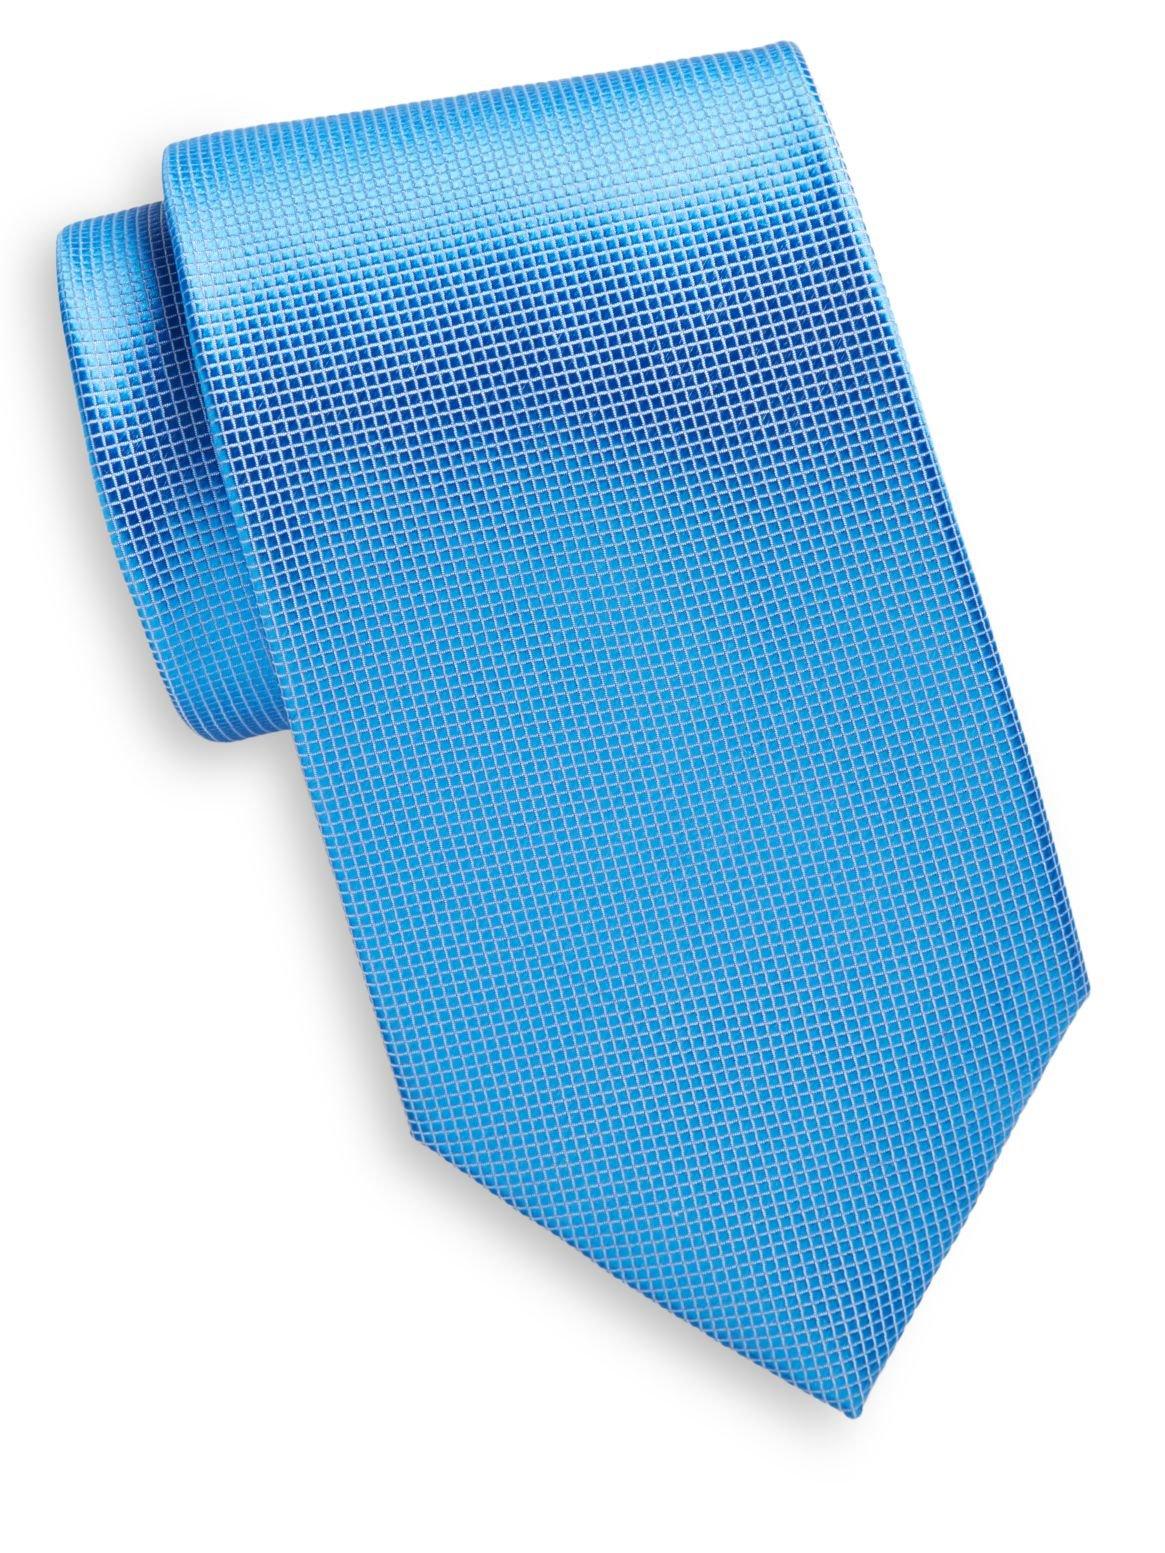 Yves Saint Laurent Men's Textured Silk Tie